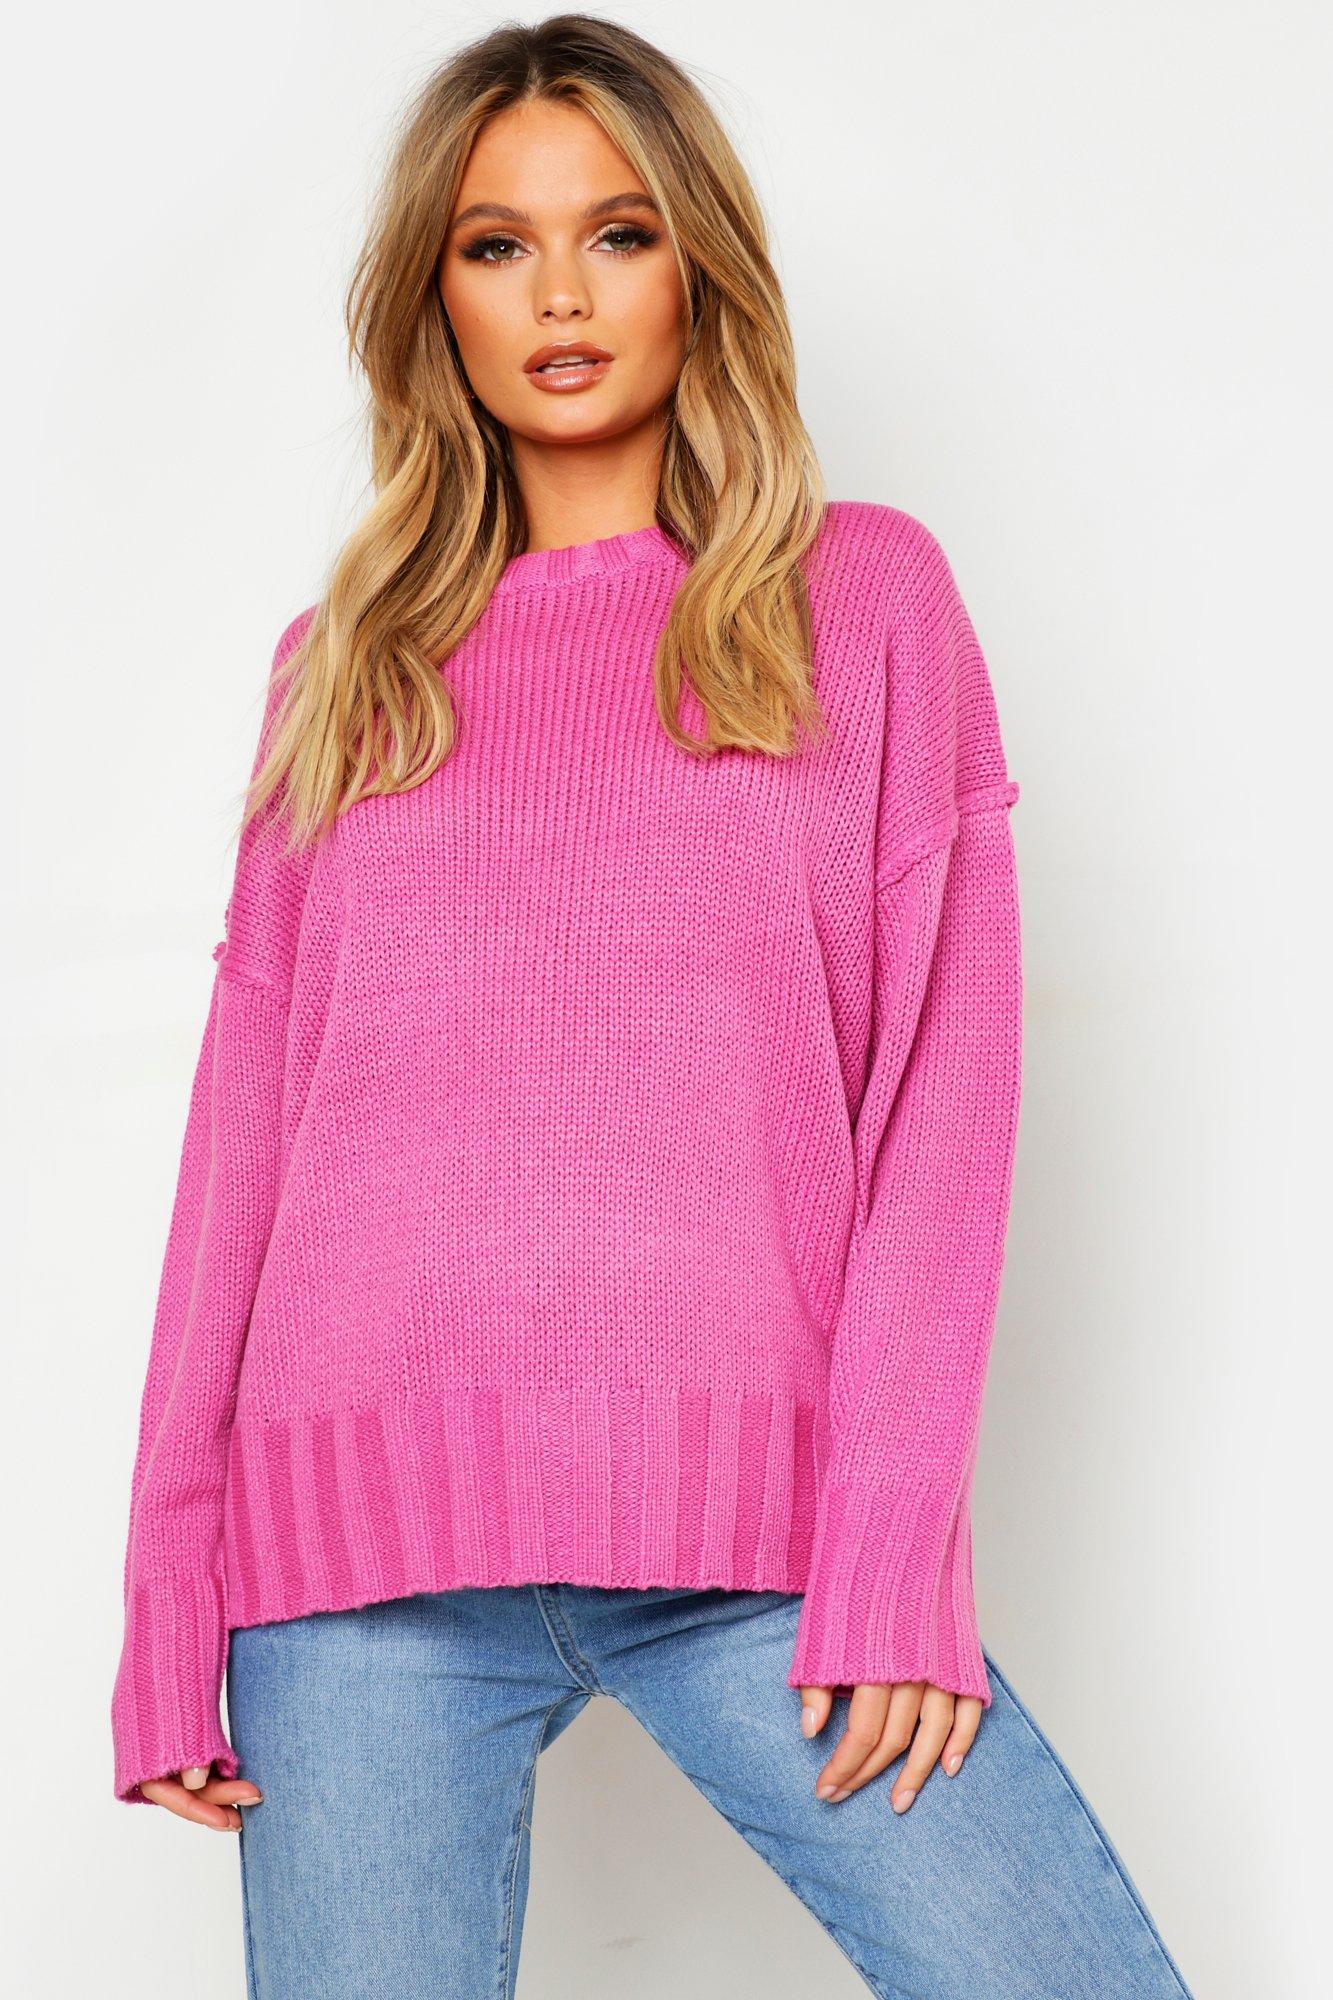 Womens Oversized-Pullover - Rosenrosa - L, Rosenrosa - Boohoo.com